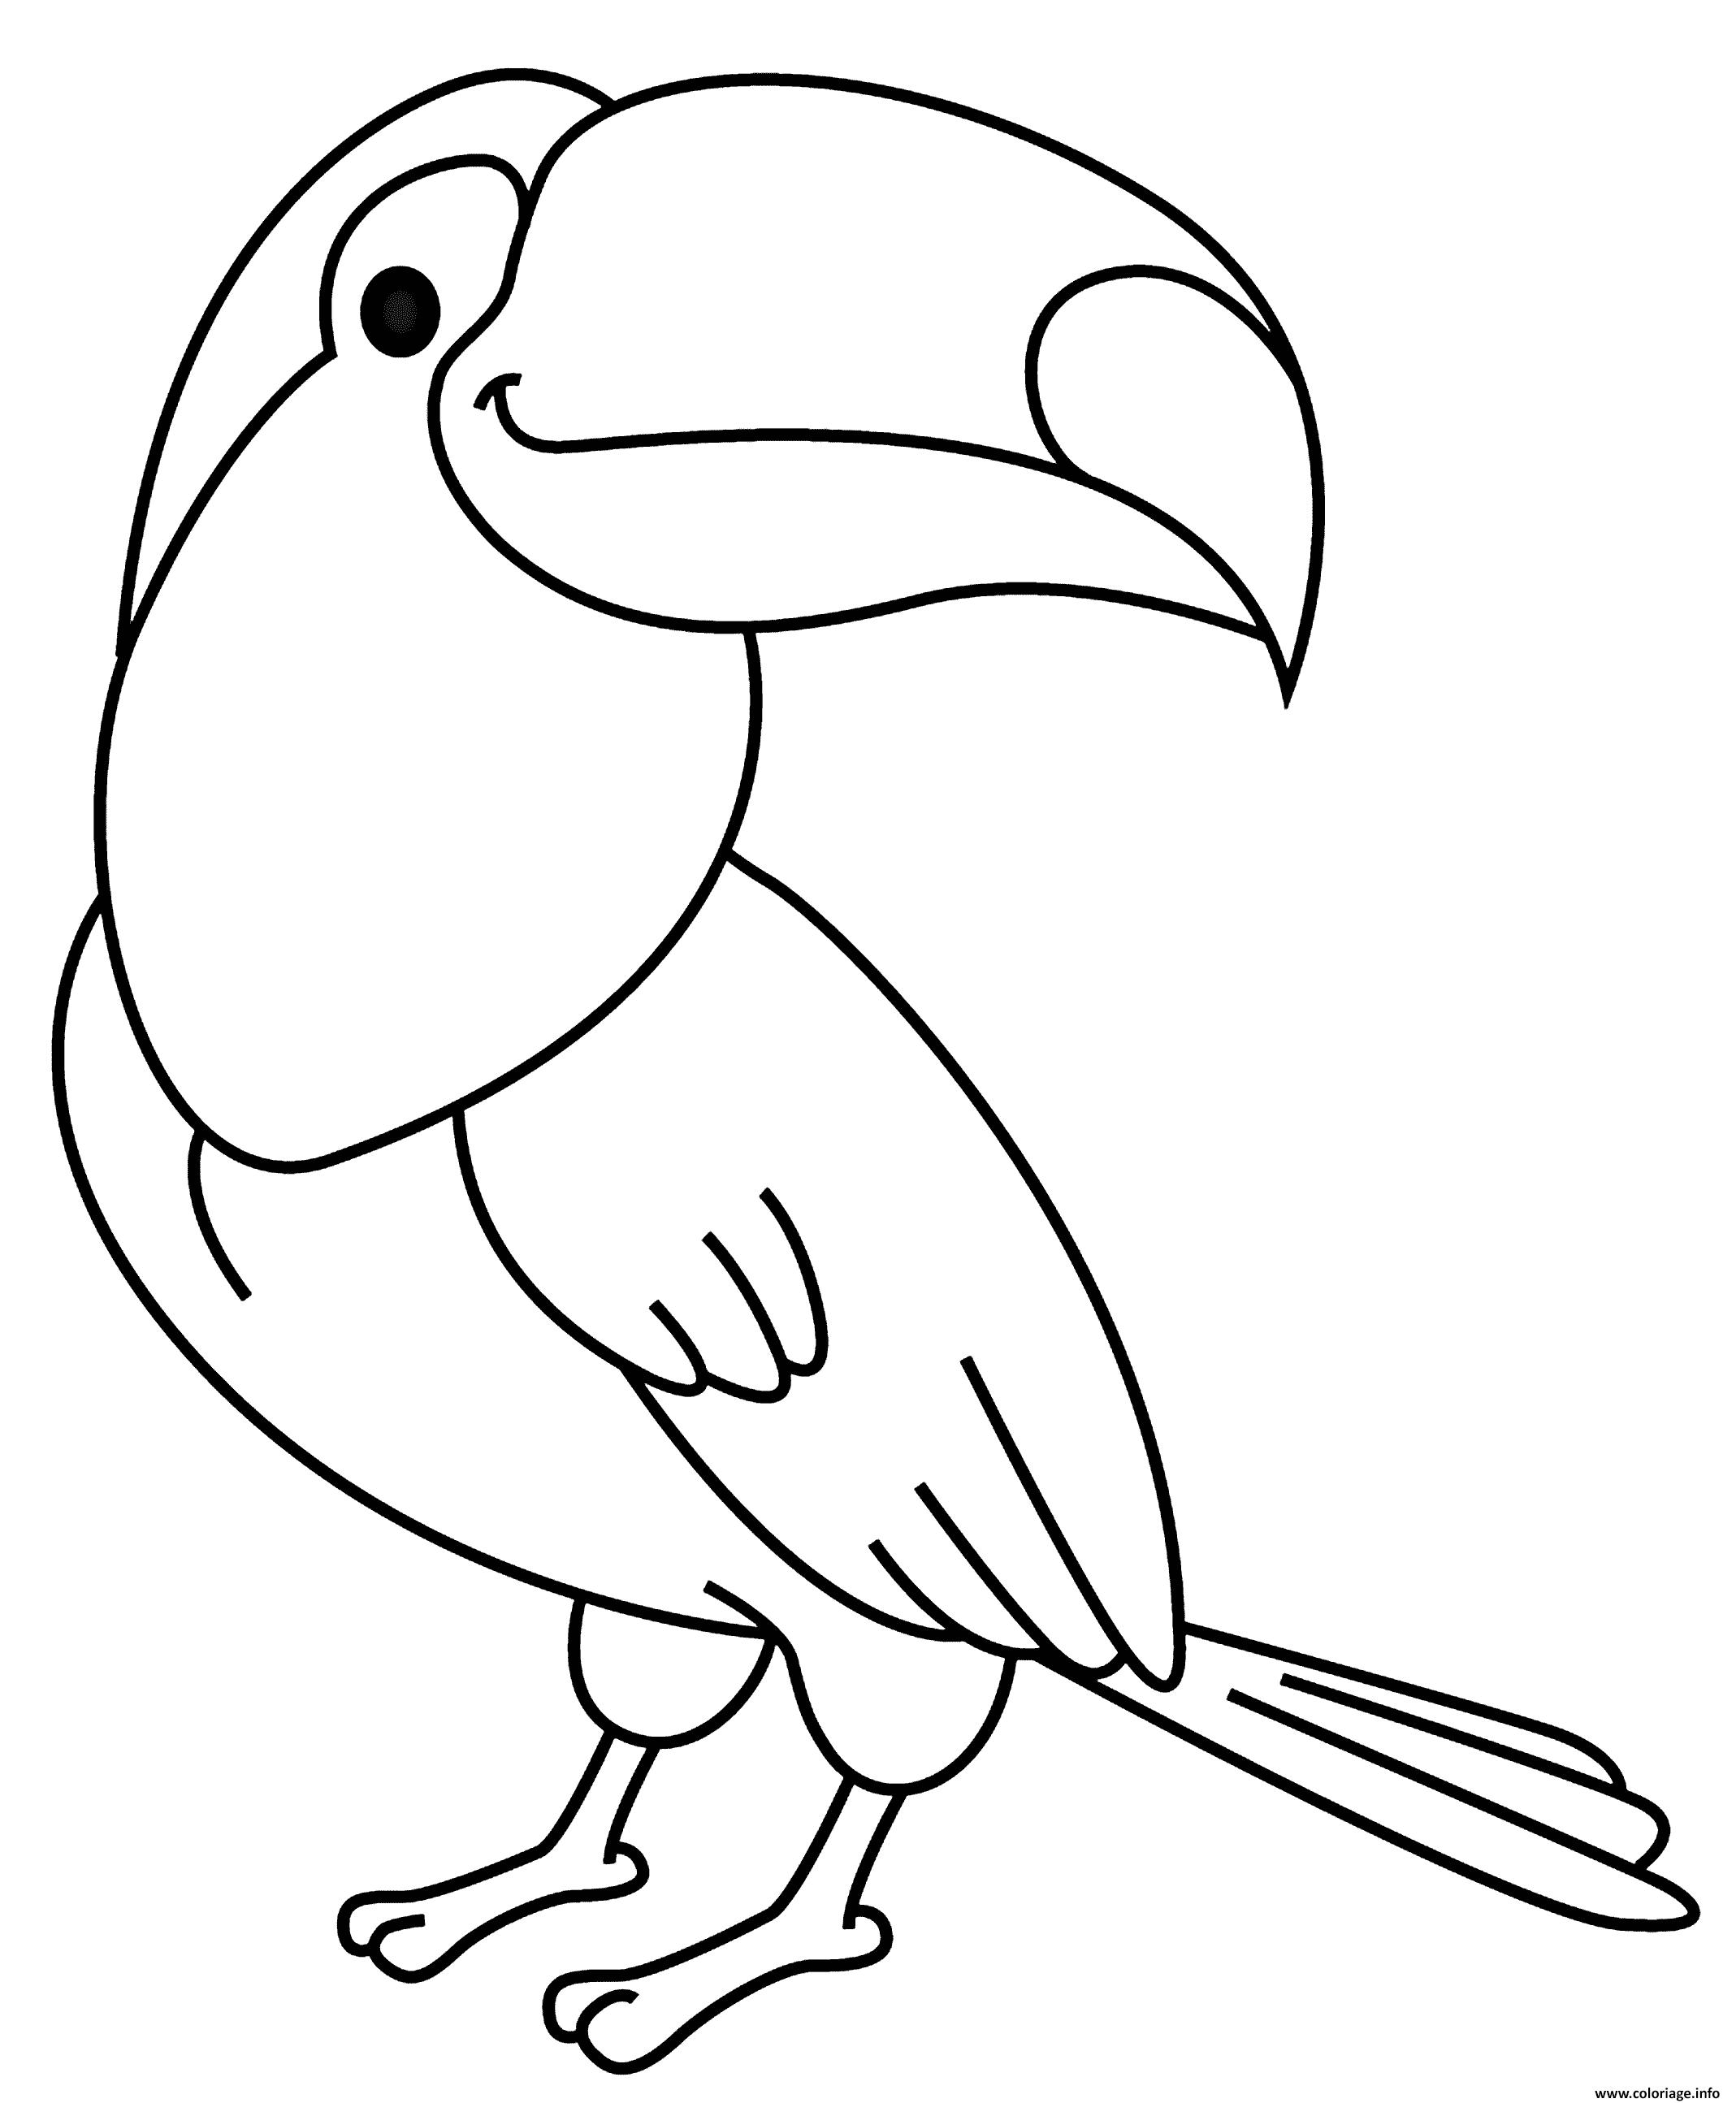 Dessin oiseau toucan Coloriage Gratuit à Imprimer